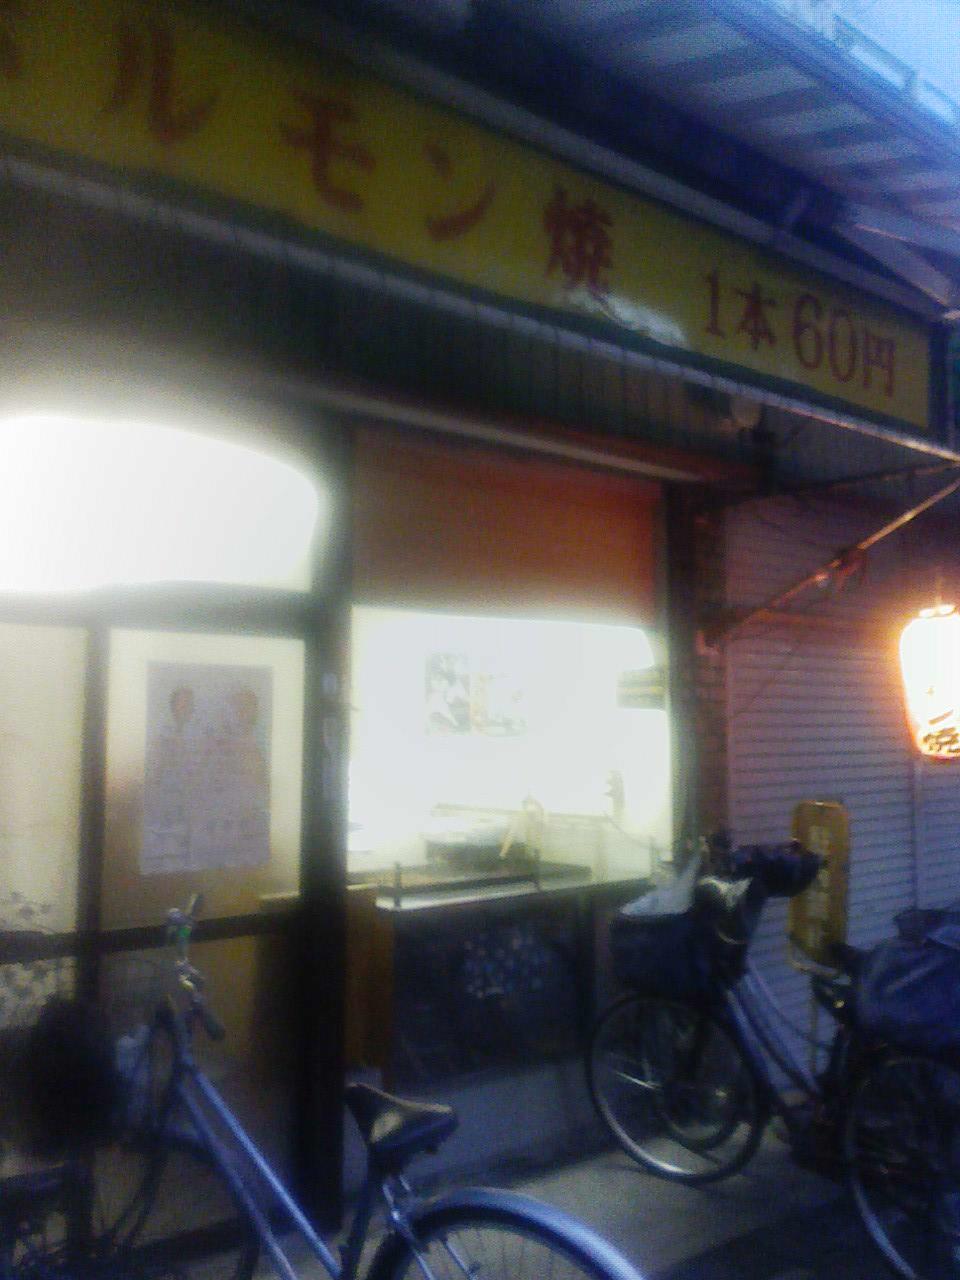 久しぶり「塚本駅前漂流」味わいの街!_c0061686_749192.jpg